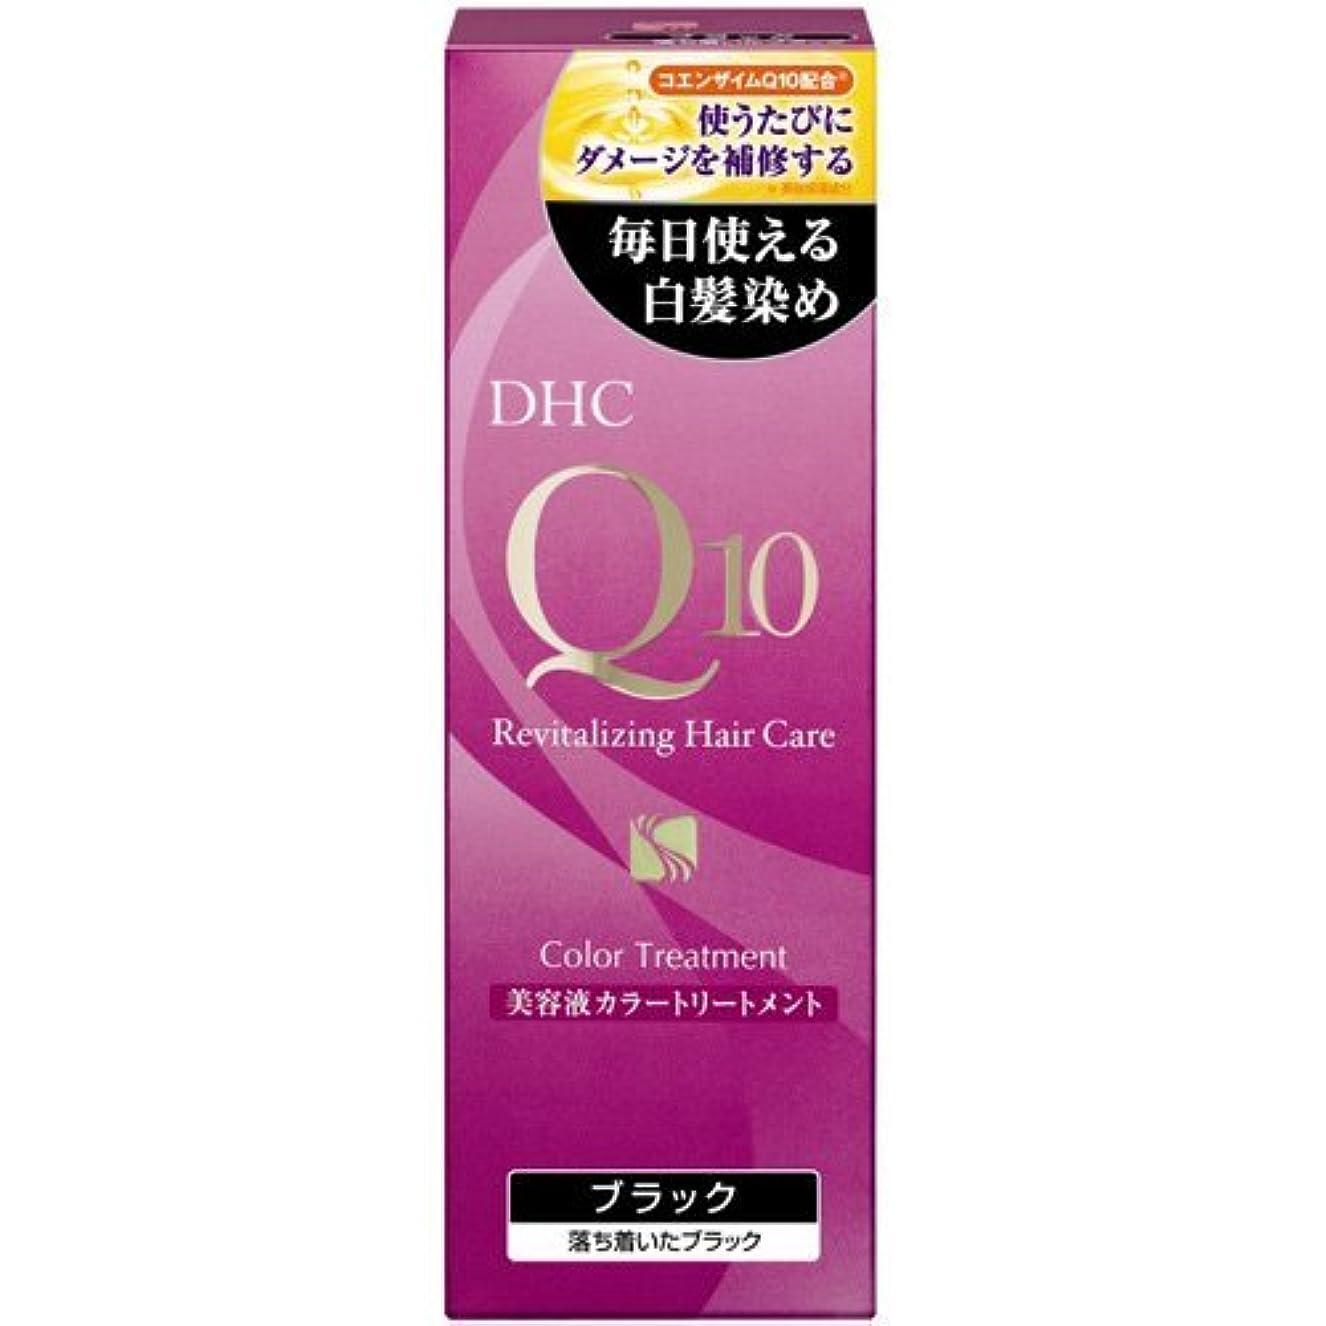 引き金シンジケートテラス【まとめ買い】DHC Q10美溶液カラートリートメントブラックSS170g ×3個